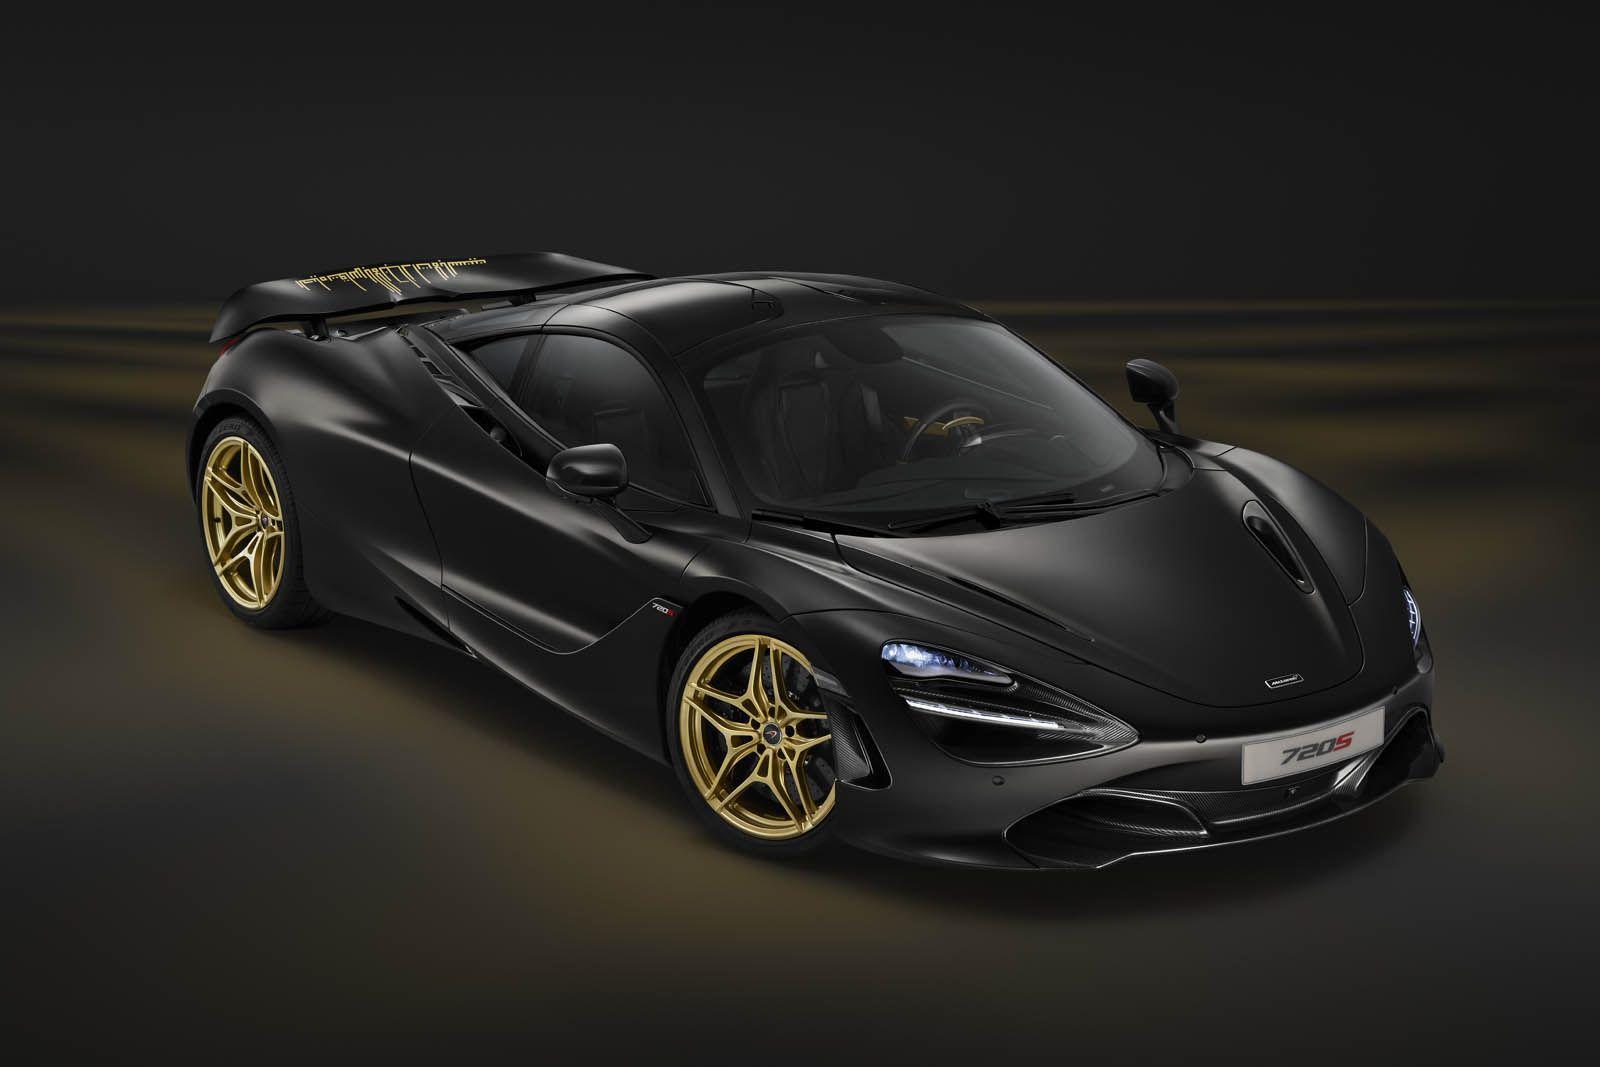 Mclaren S Bringing This Custom Black Gold 720s To Dubai Carscoops Cool Sports Cars Super Cars Bruce Mclaren